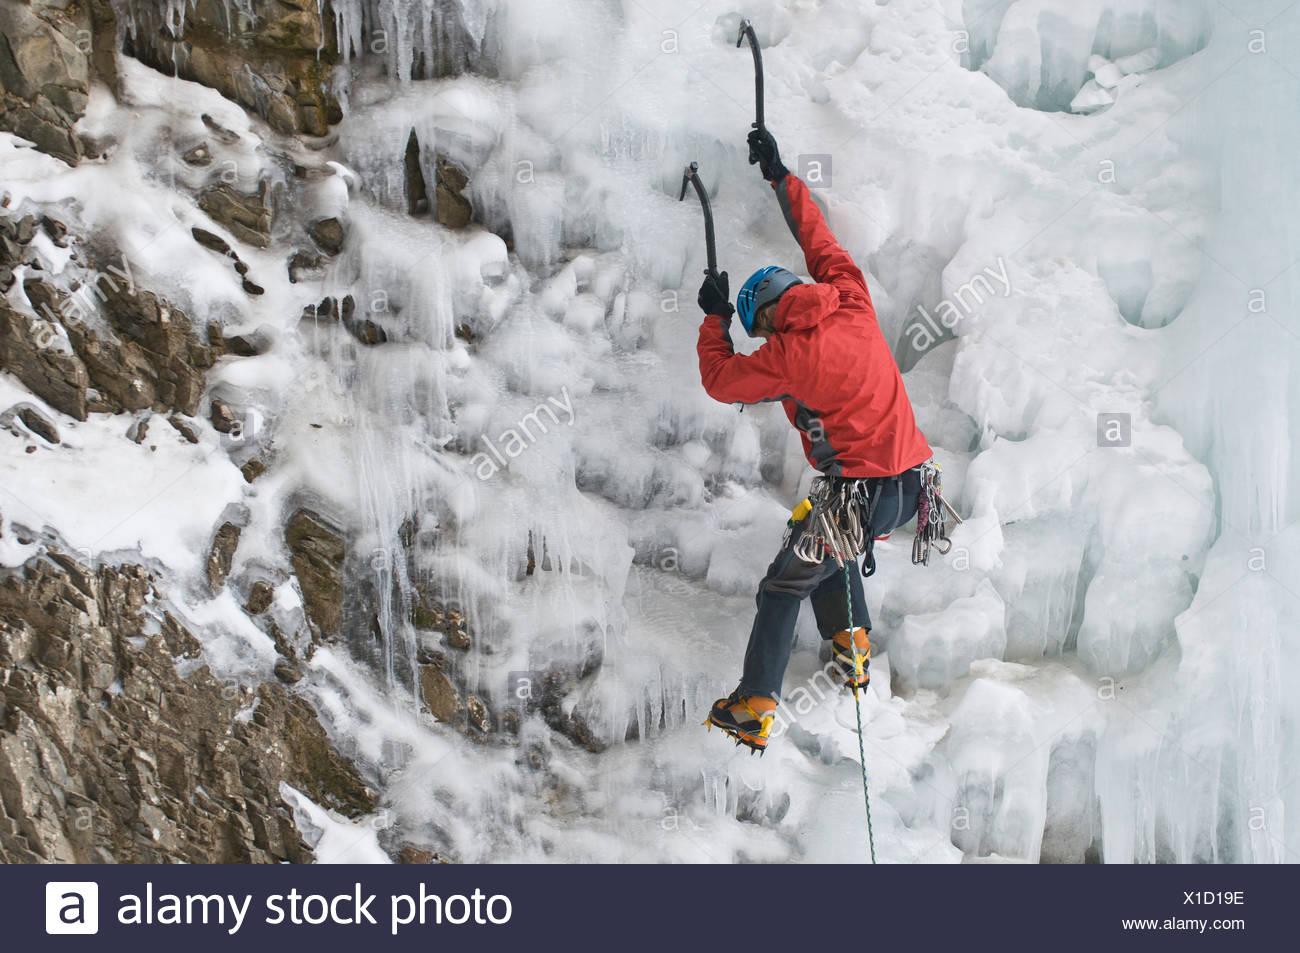 Ein Mann Eisklettern einen gefrorenen Wasserfall, Silverton, Colorado. Stockbild